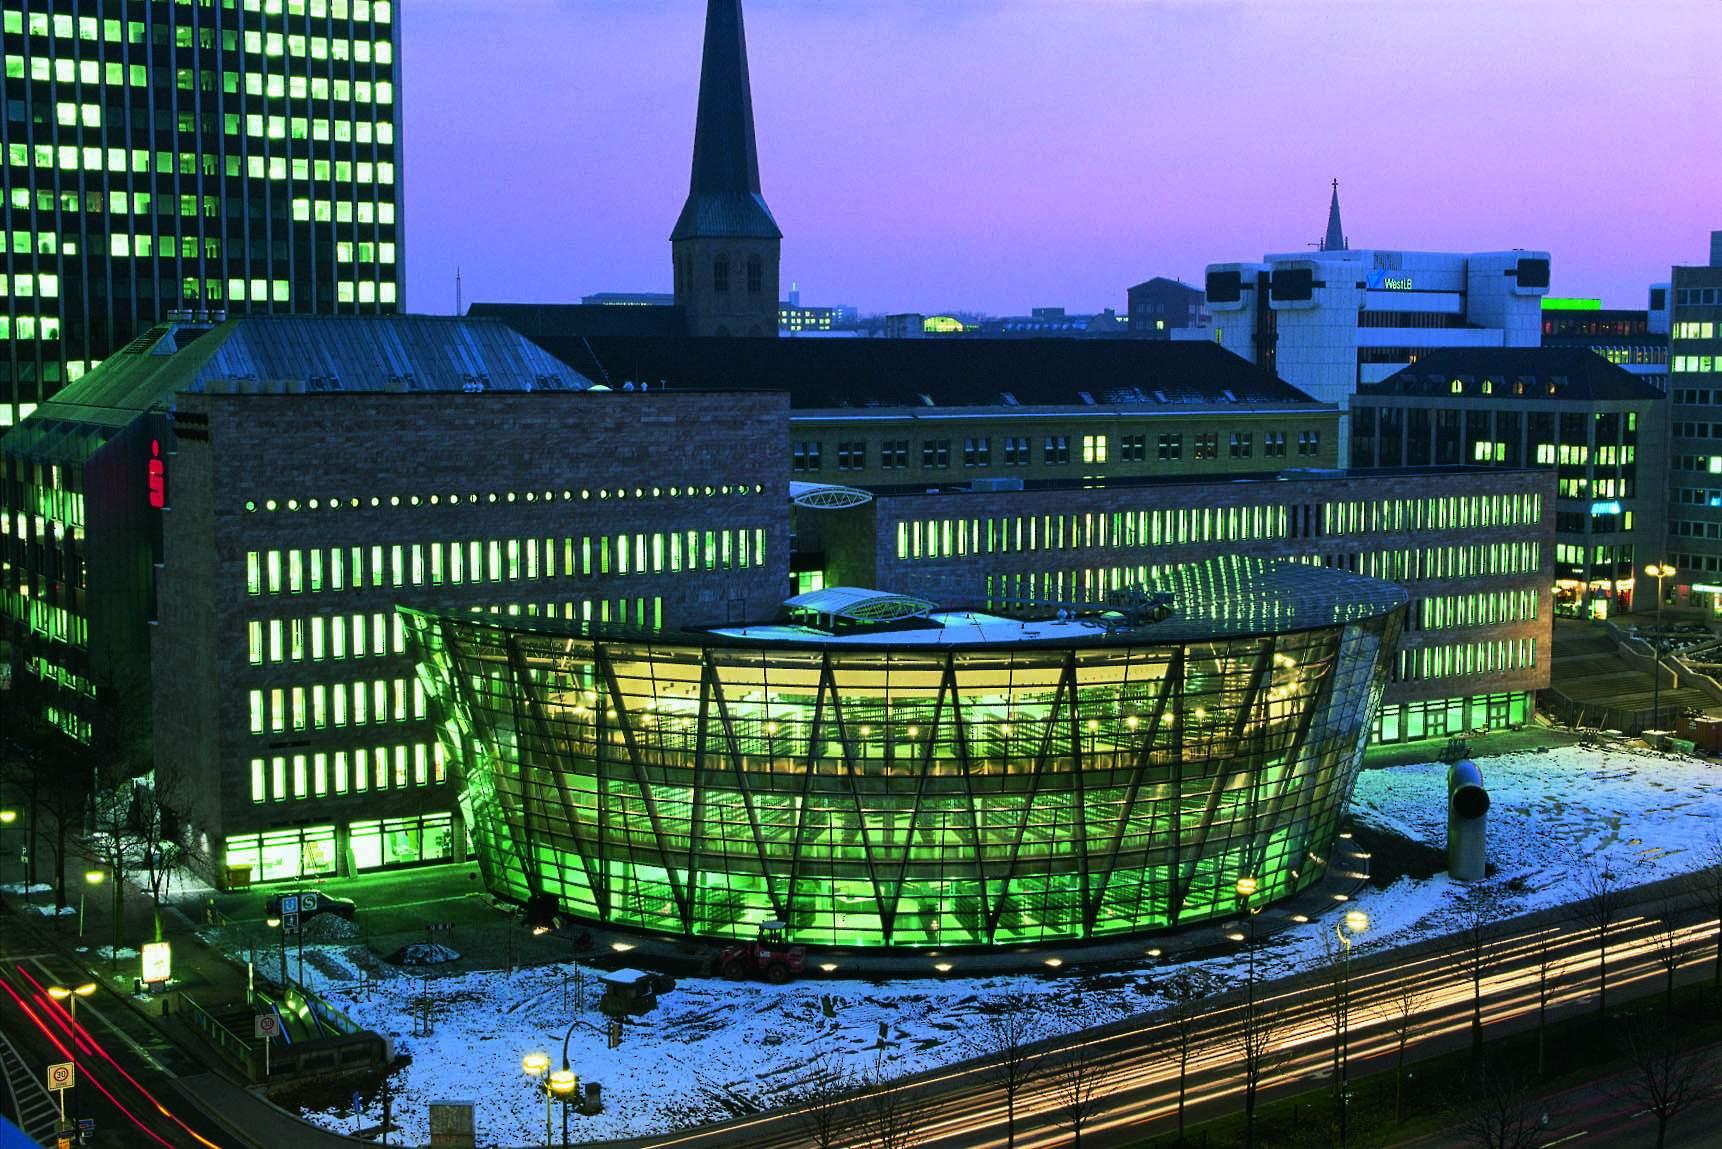 Stadt und landesbibliothek dortmund